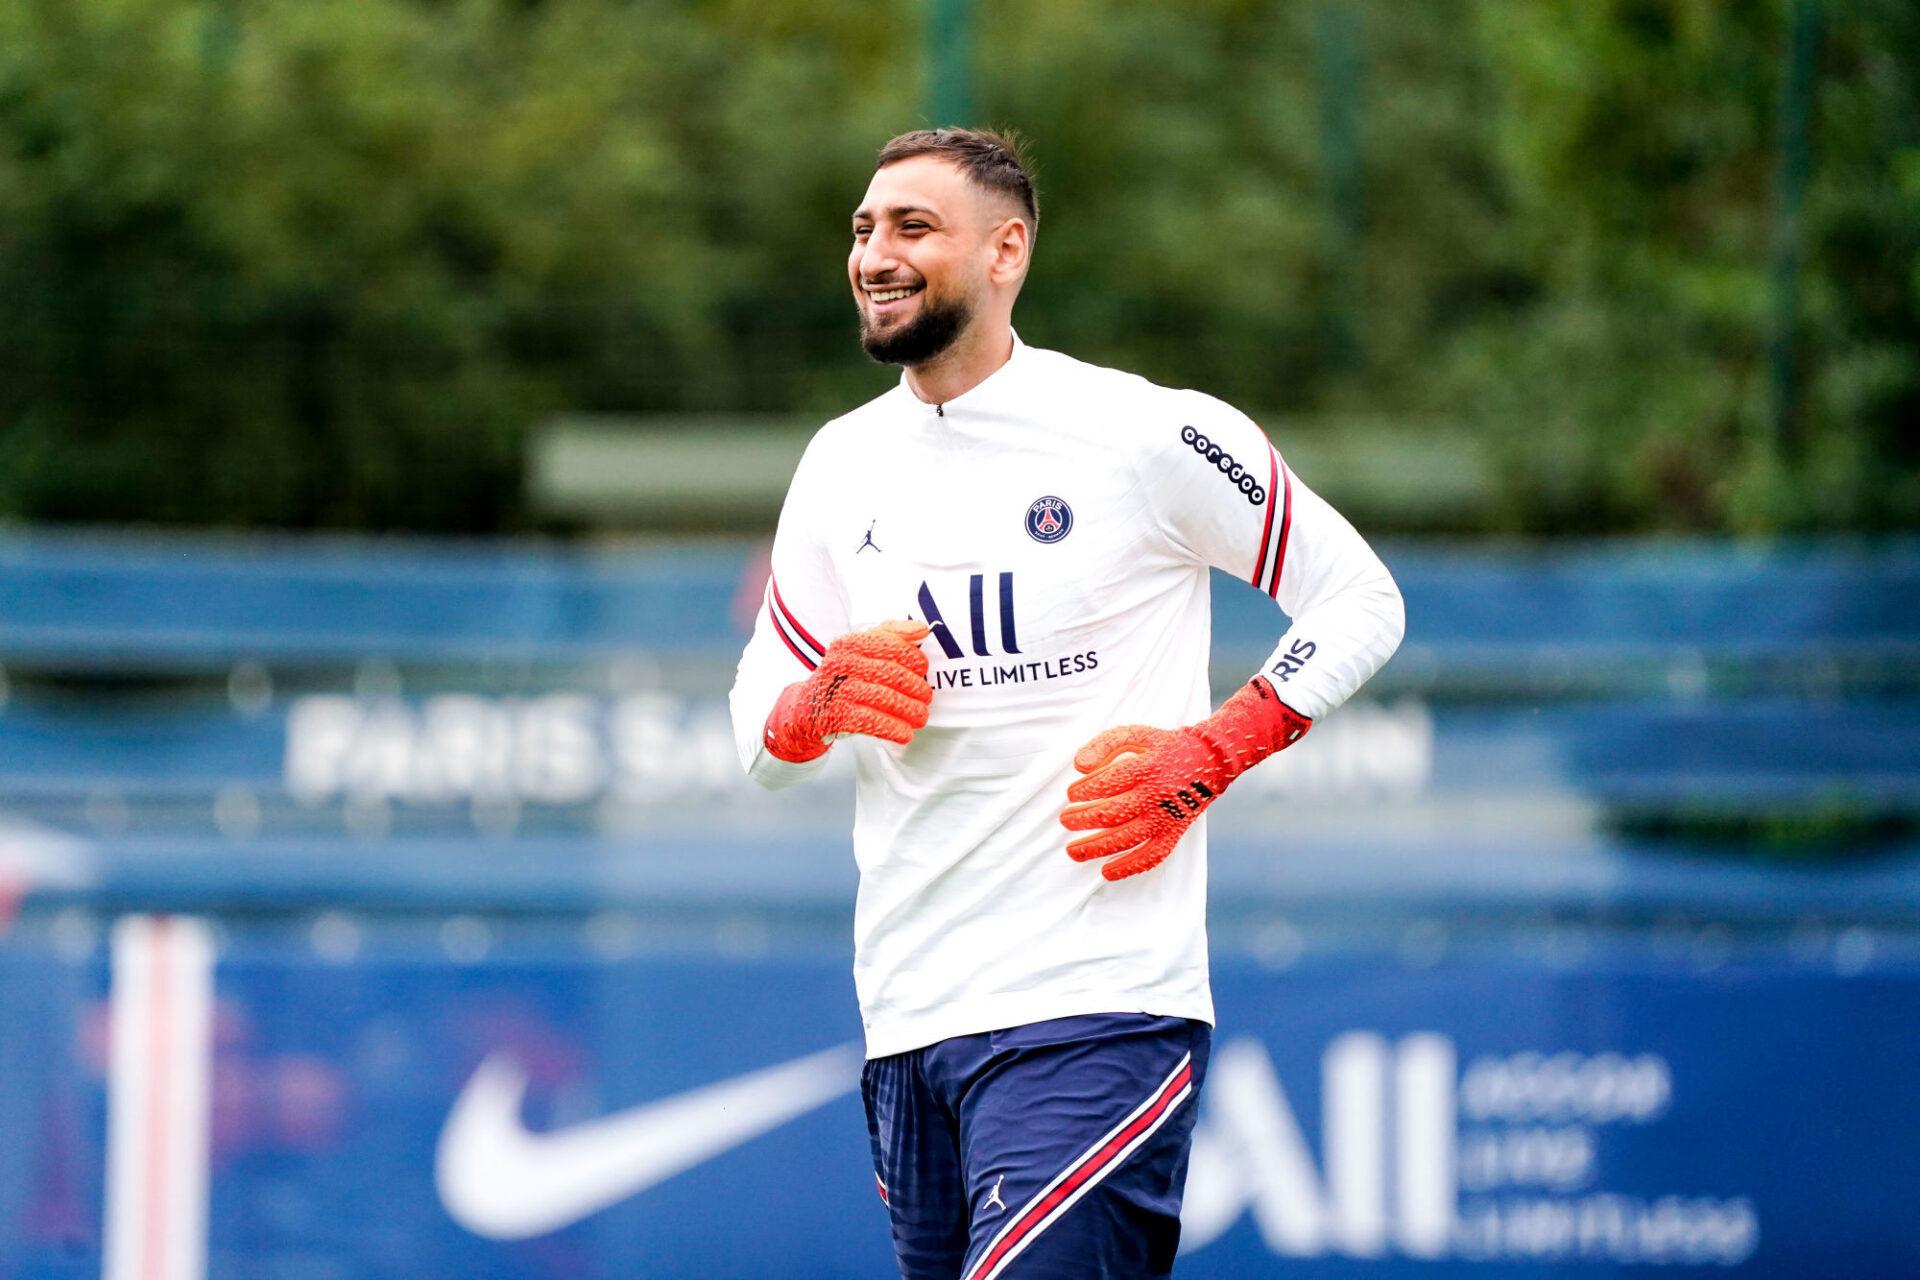 Gianluigi Donnarumma pourrait être titularisé pour la première fois avec le PSG contre Clermont, ce samedi 11 septembre. Icon Sport